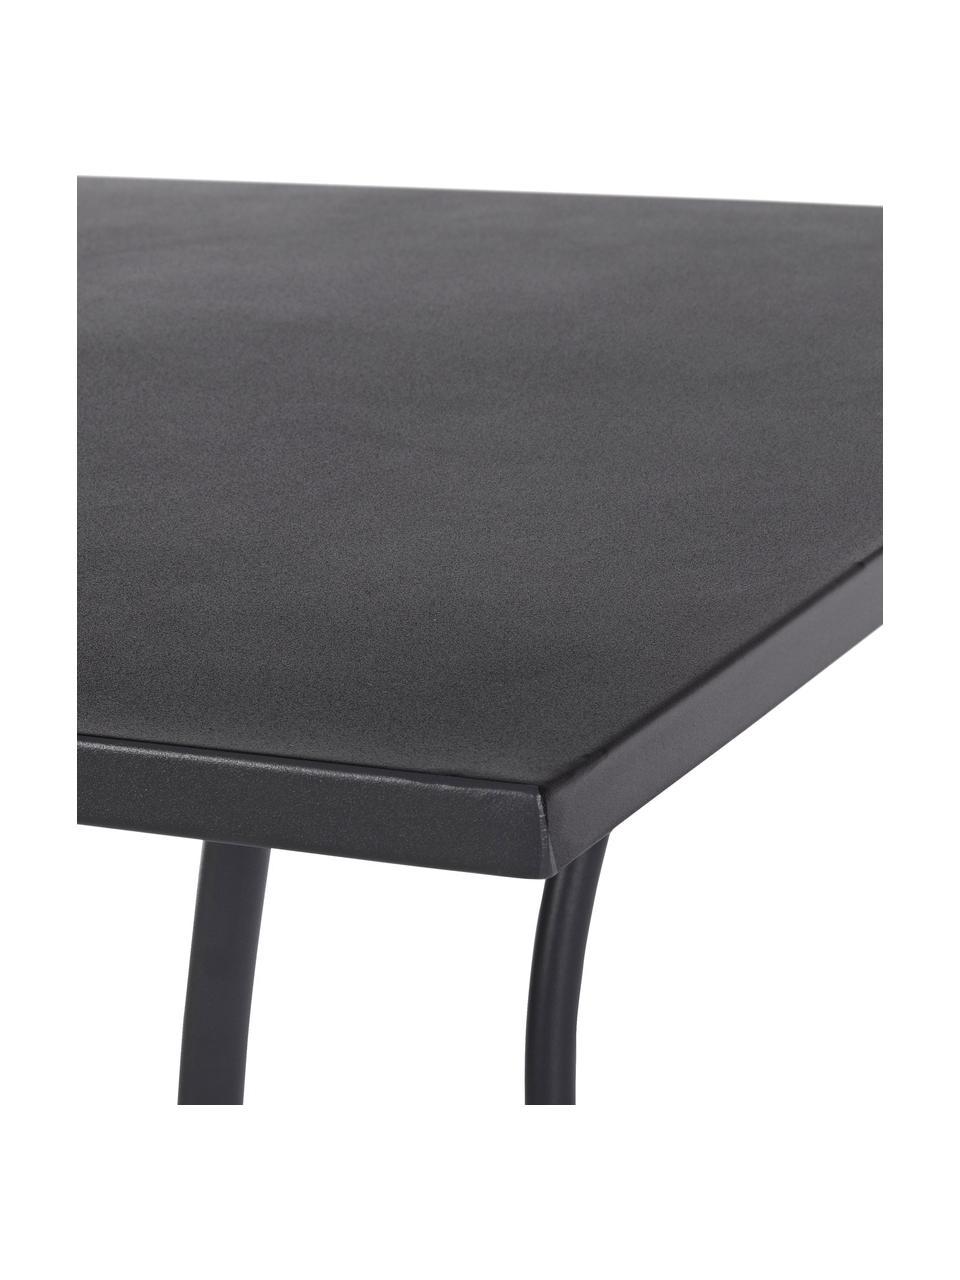 Stół ogrodowy z metalu Kelsie, Metal malowany proszkowo, Szary, S 70 x G 70 cm